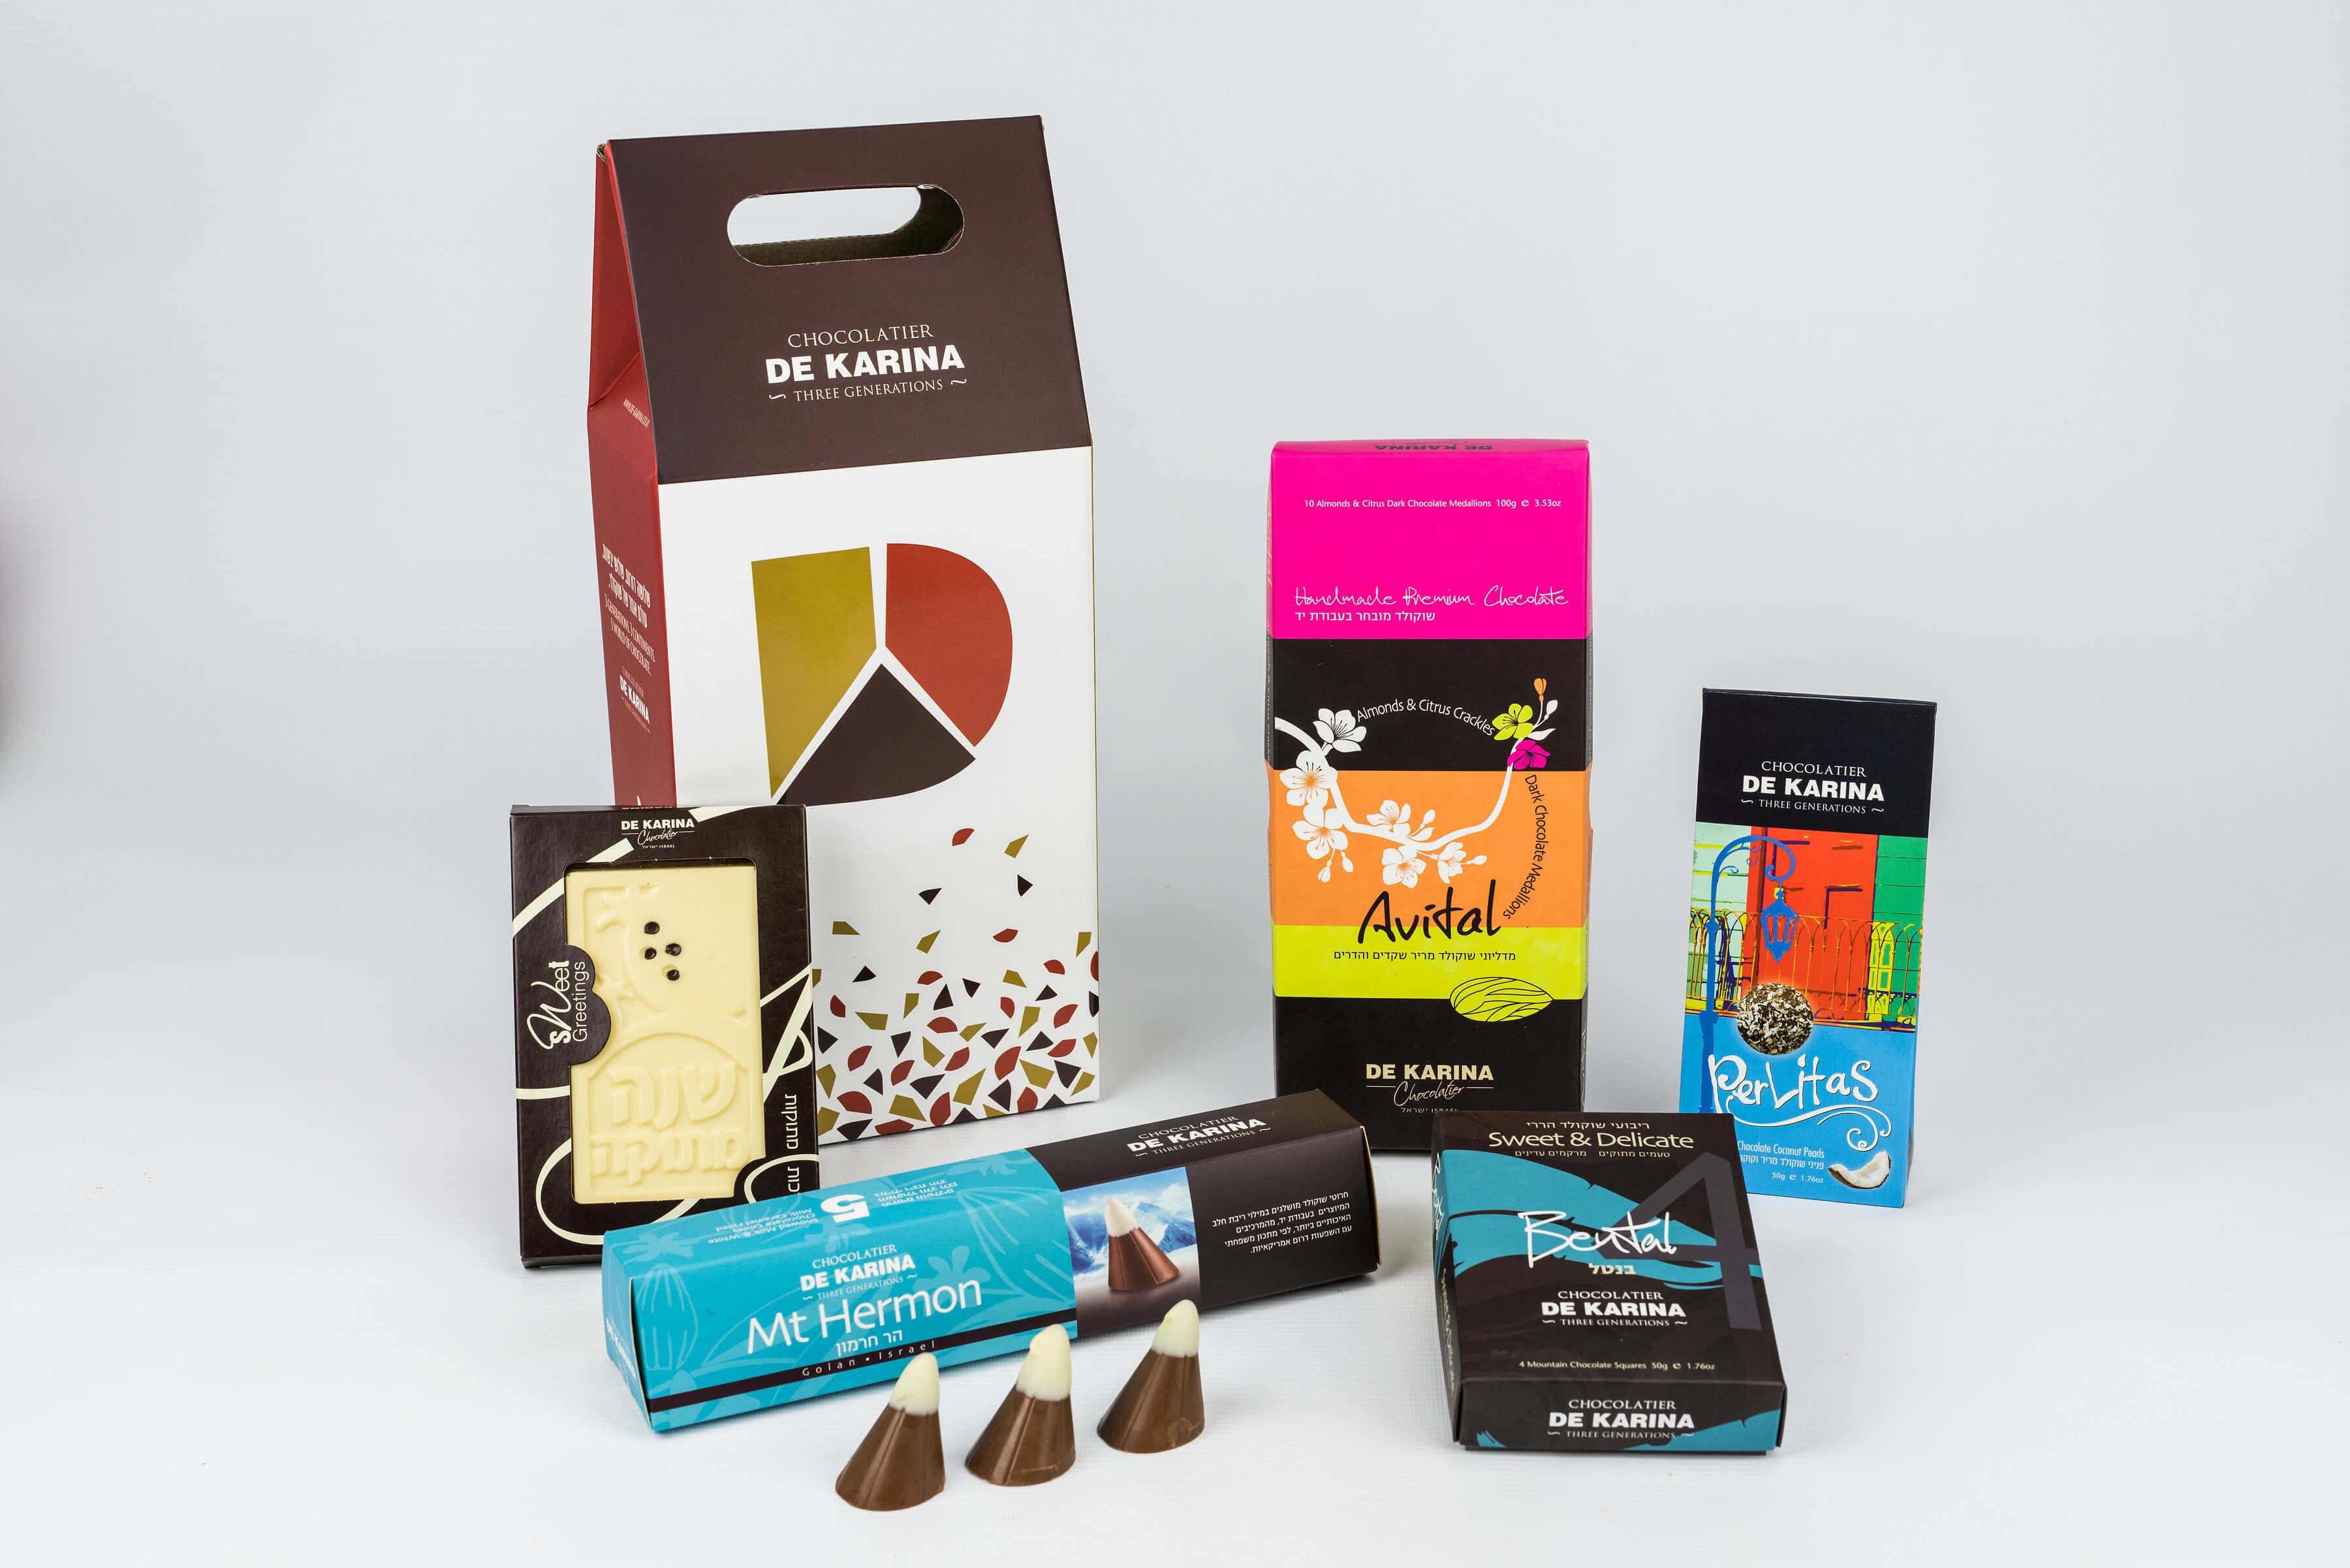 מתוק ומענג- חבילות שי שוקולד דה קרינה